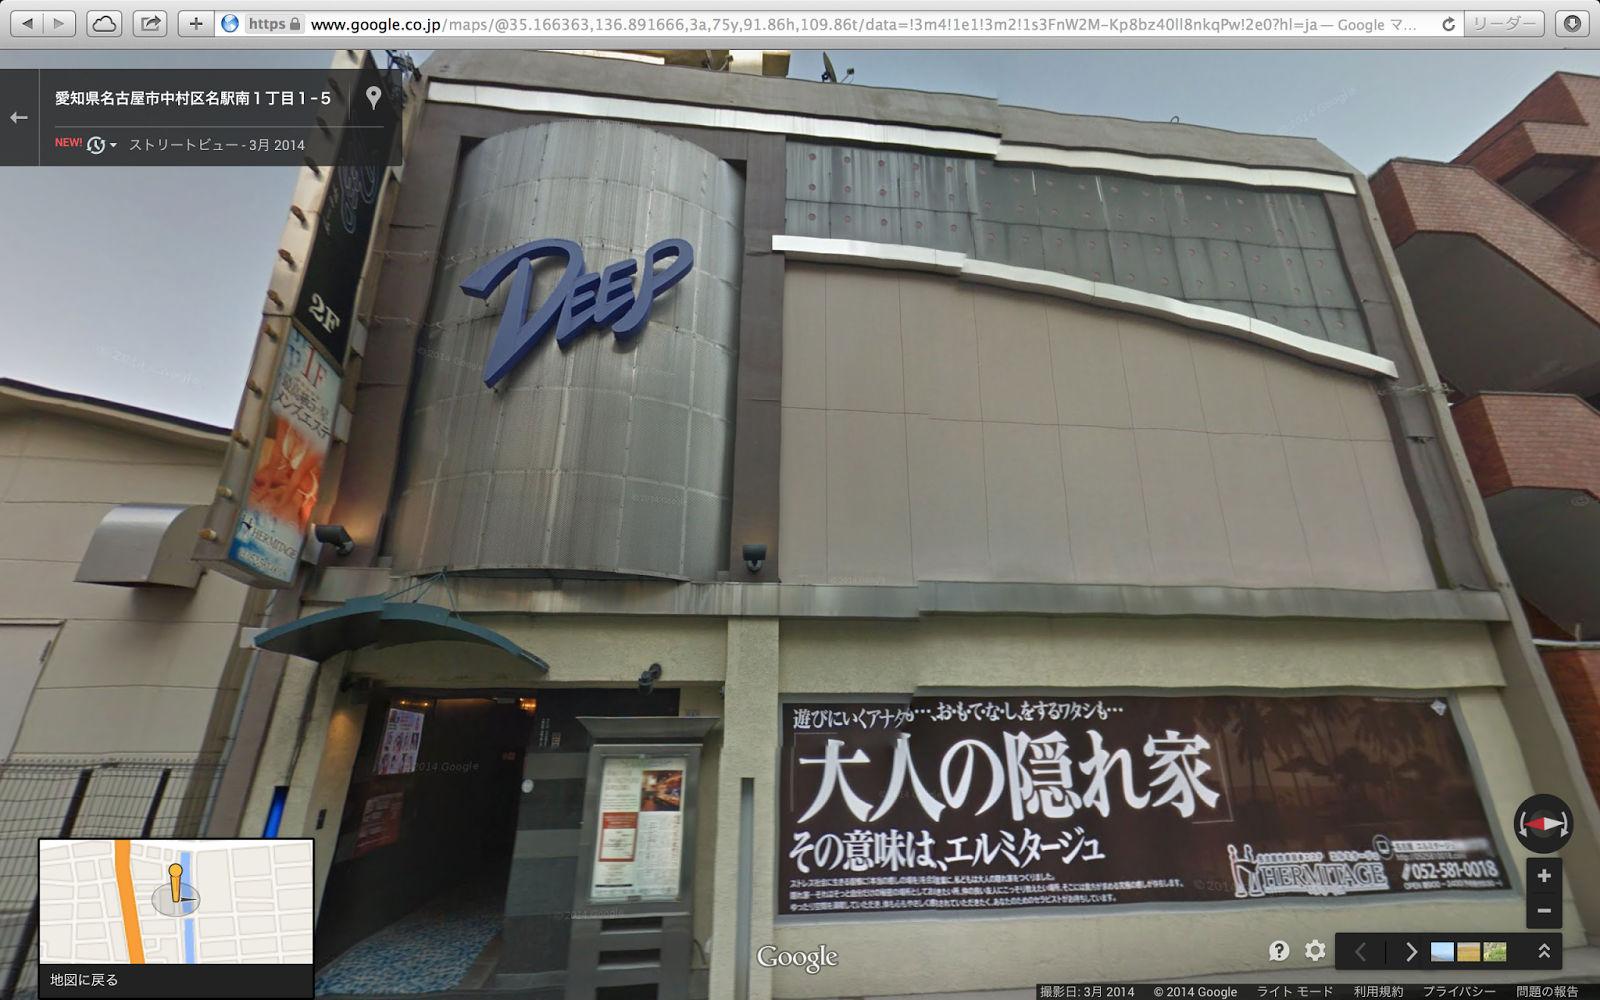 【名古屋02】納屋橋のメンズエステに行くことにした。